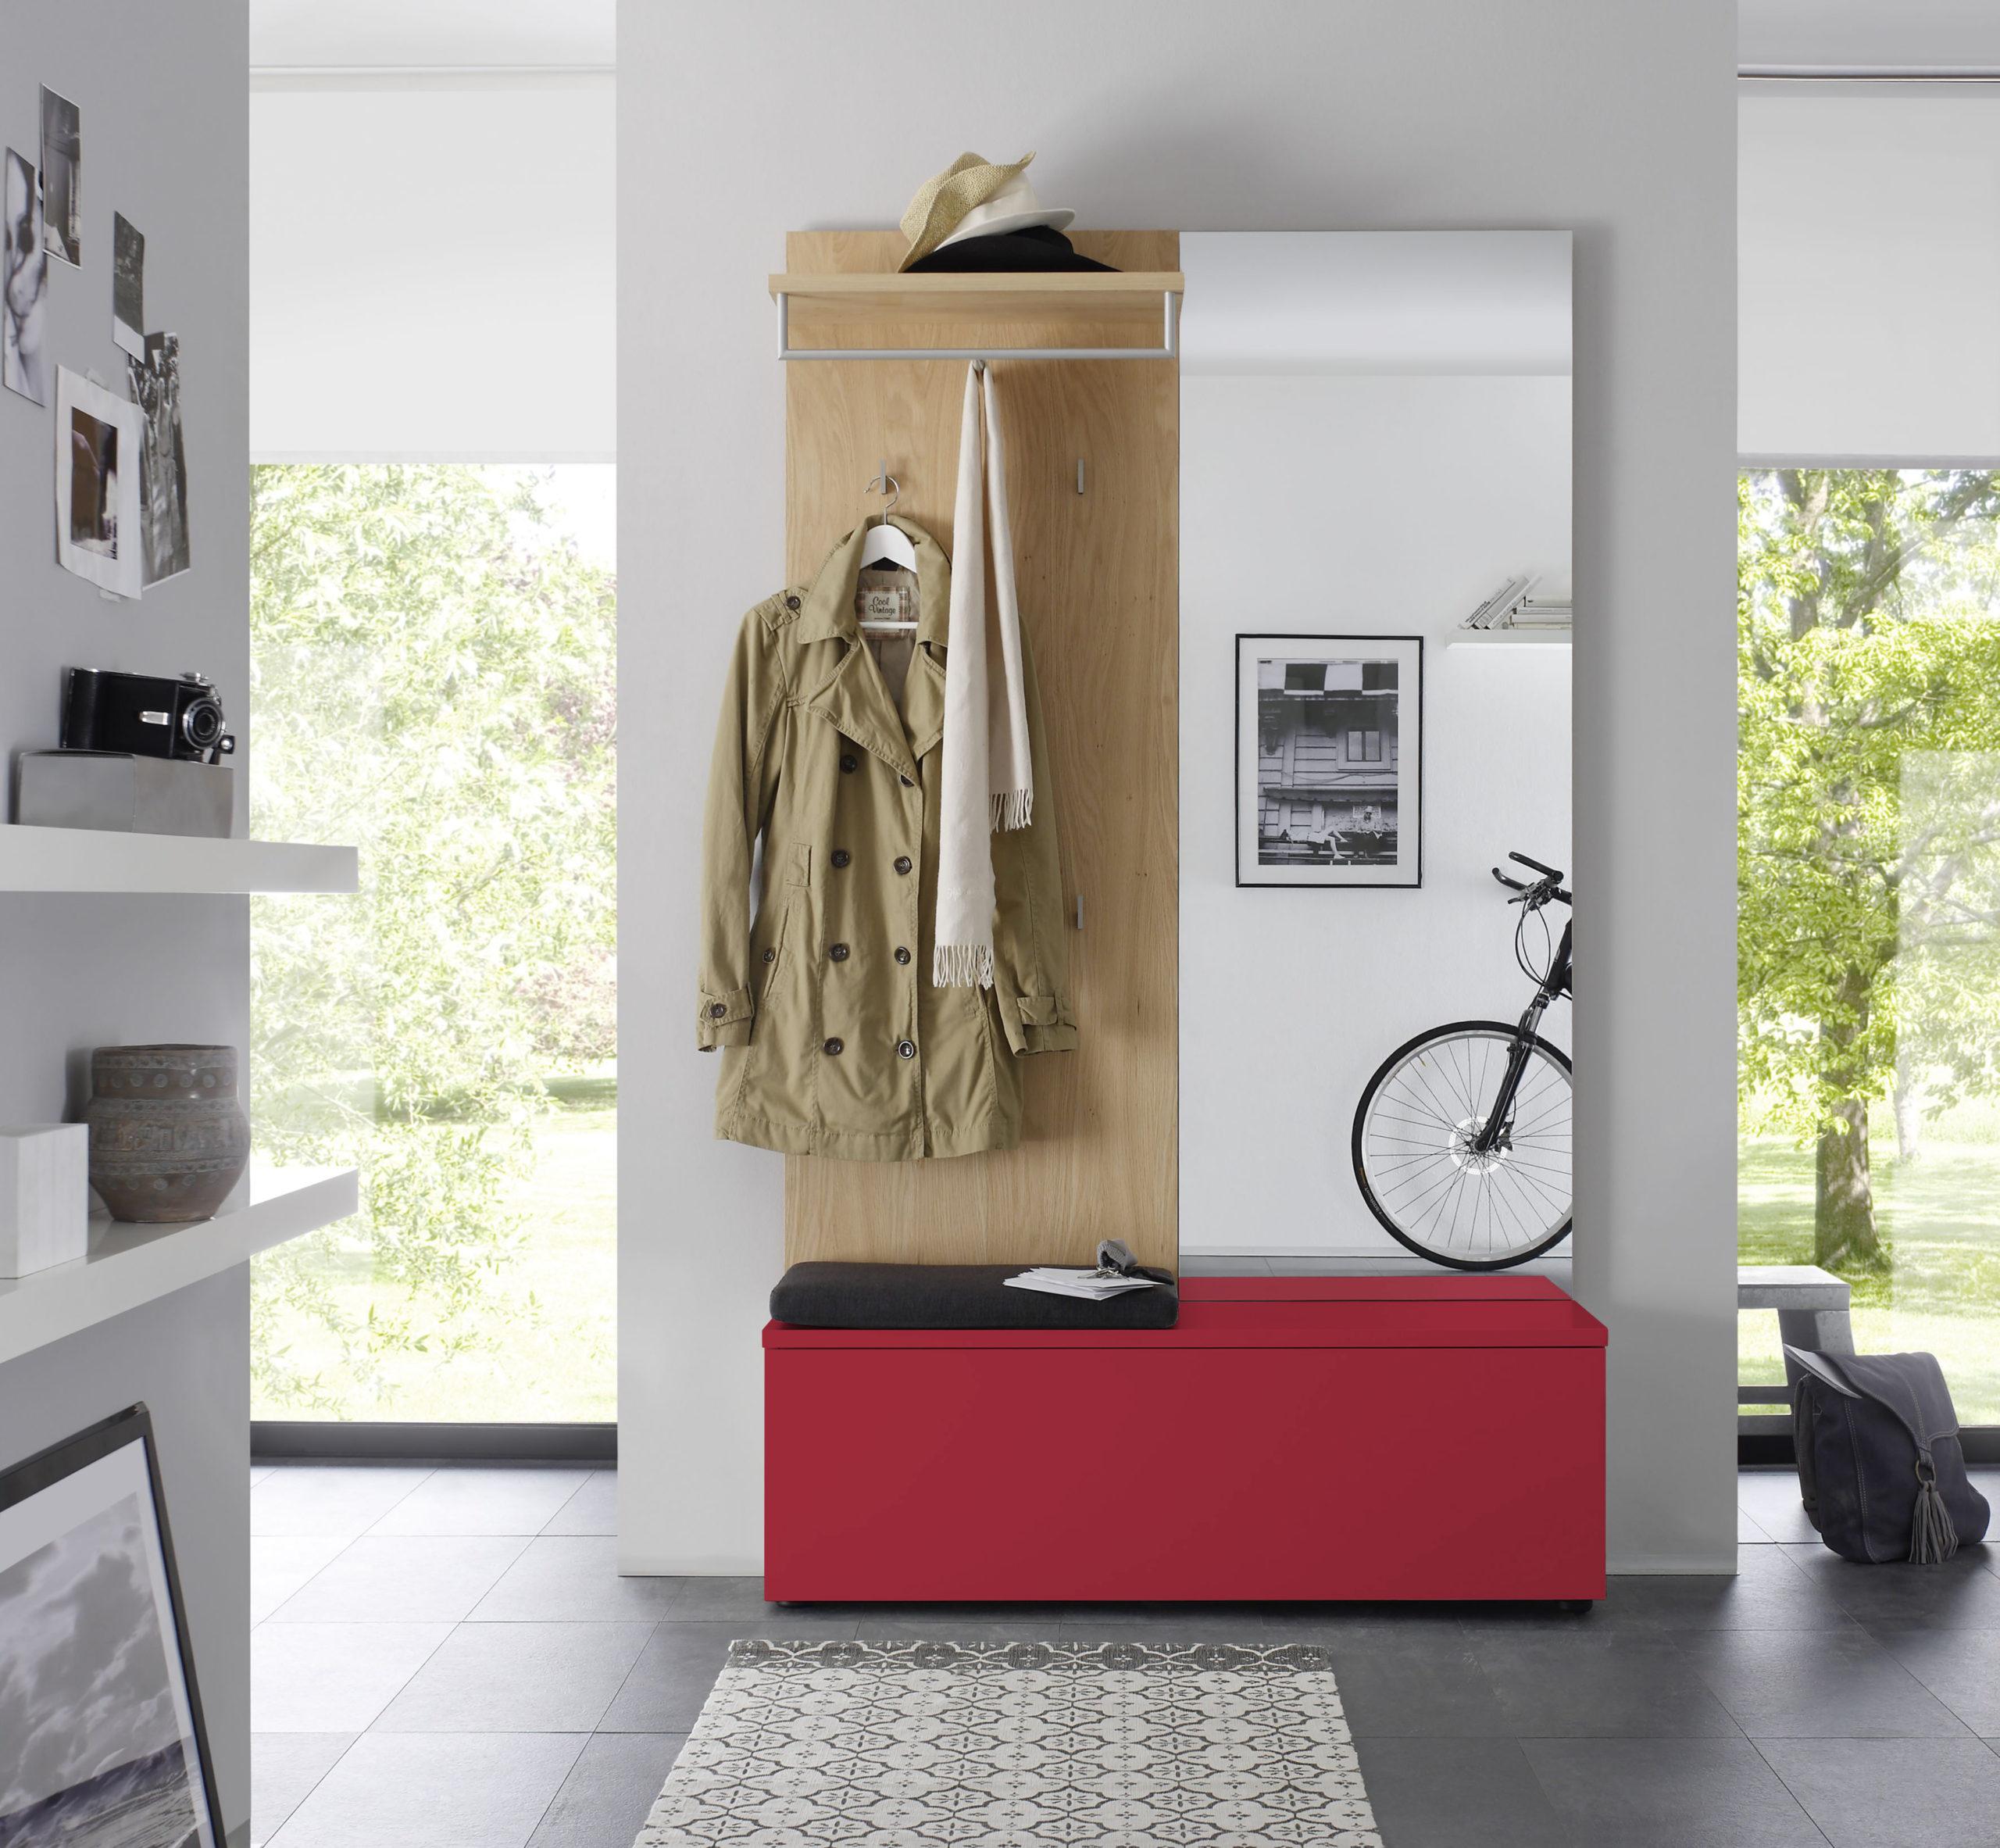 Sudbrock TANDO Garderobe in der Ausführung Ethno Eiche, Lack orientrot #454